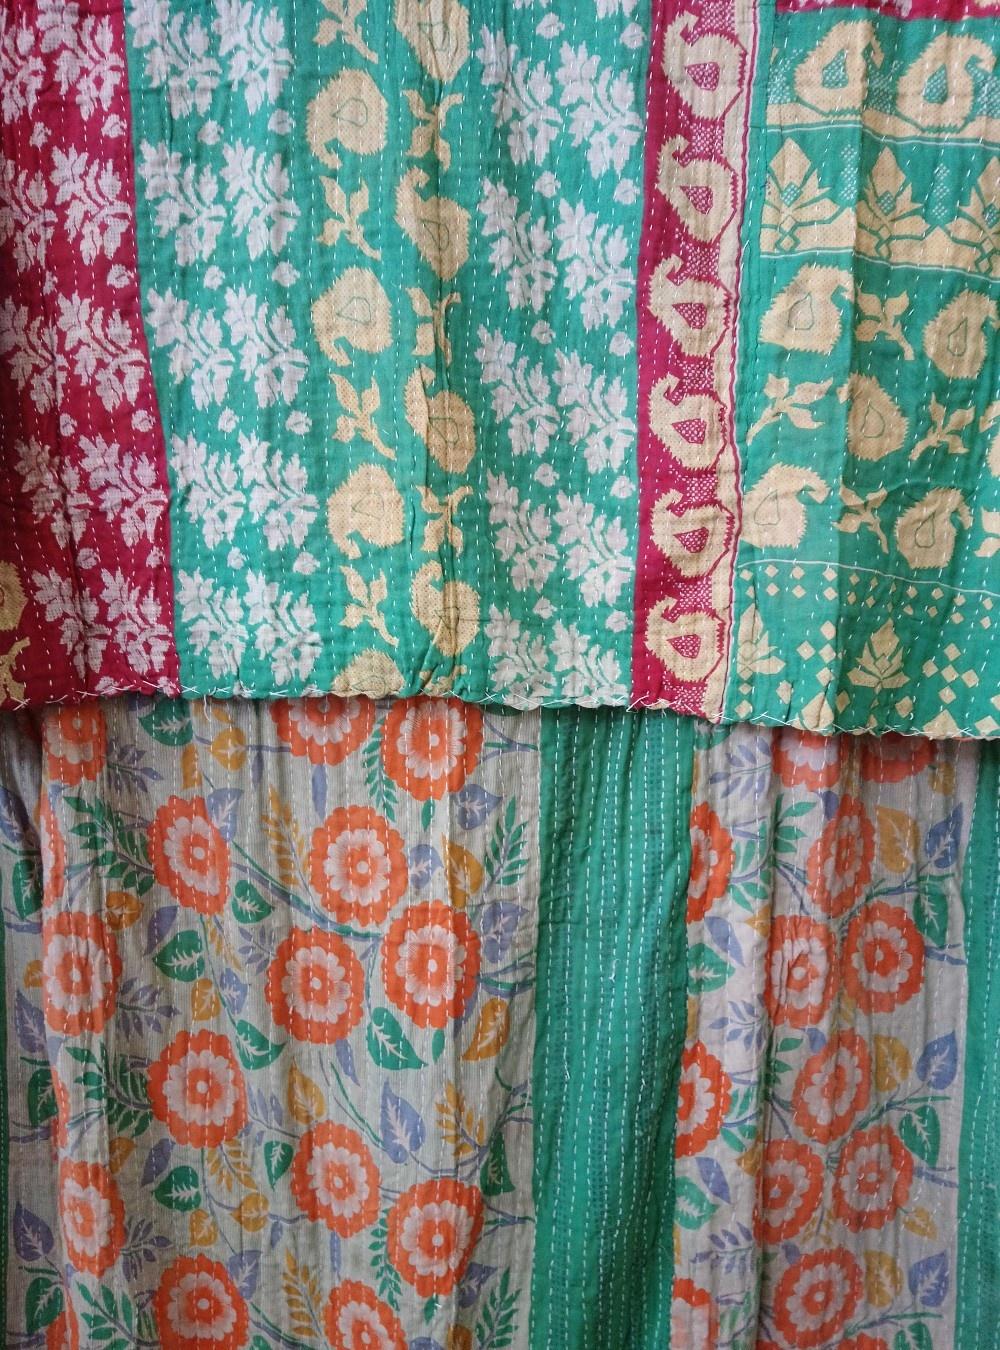 Kantha Sari Throw Blanket #753